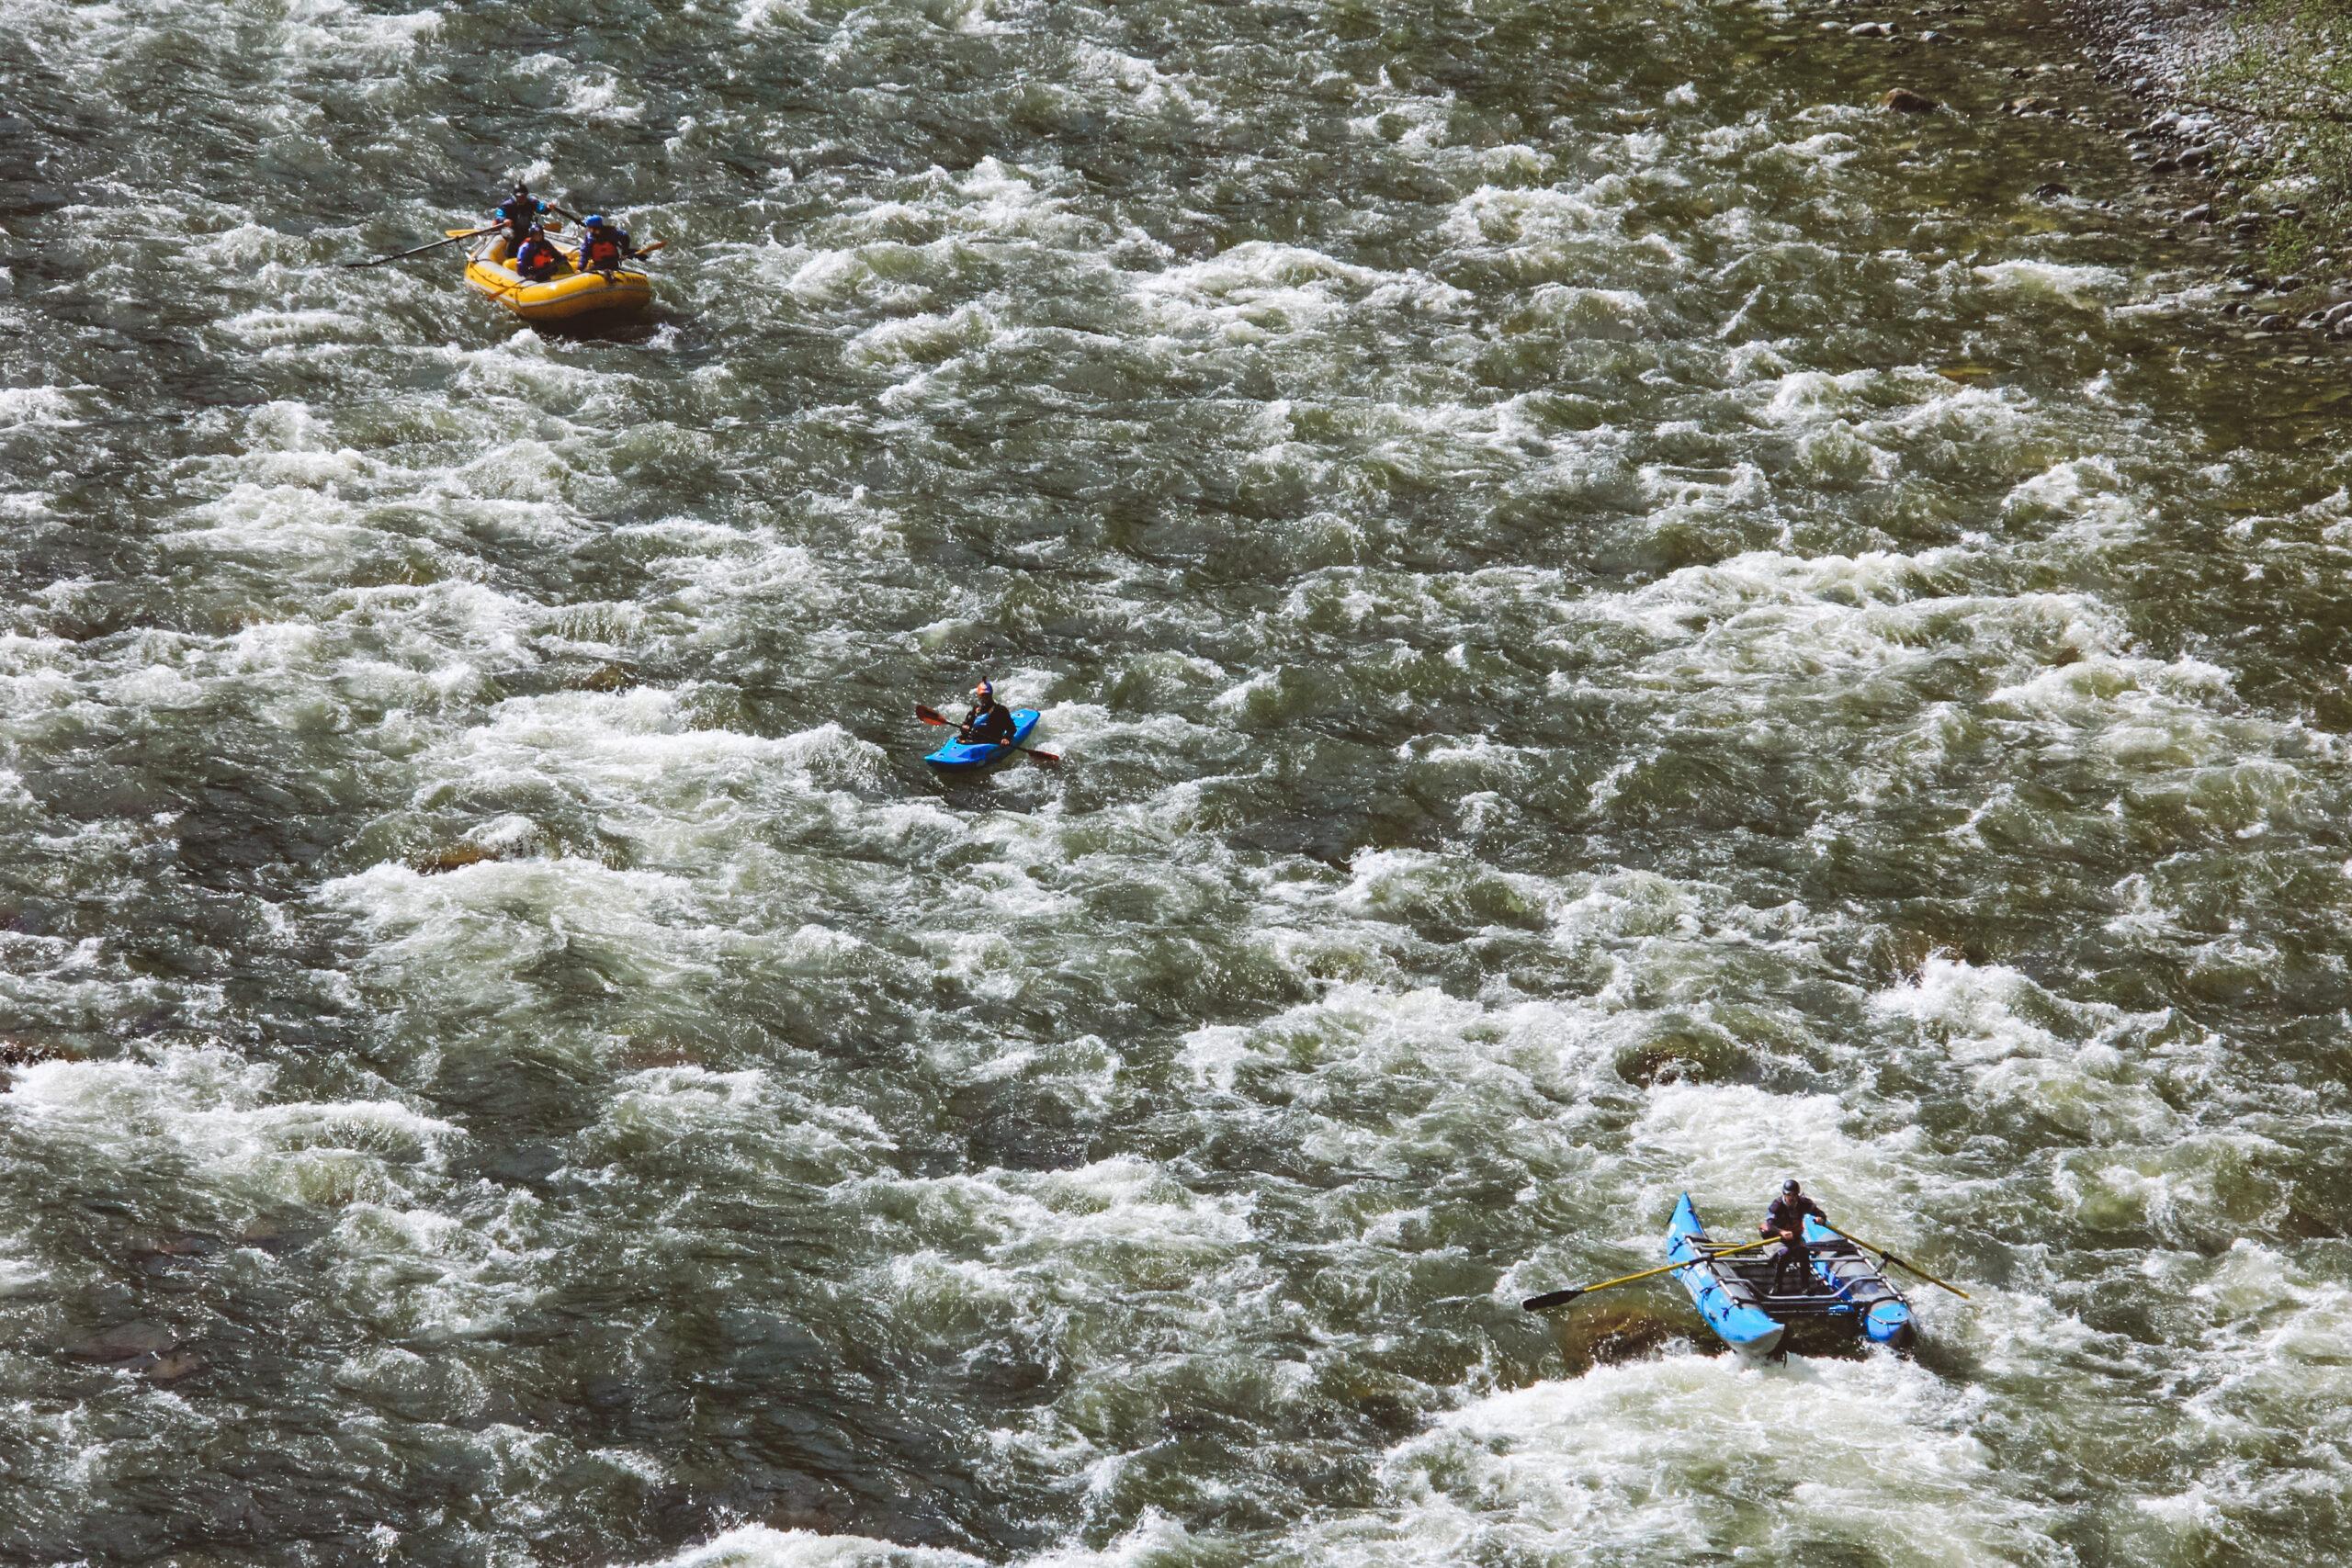 Raft, safety kayak, catamaran